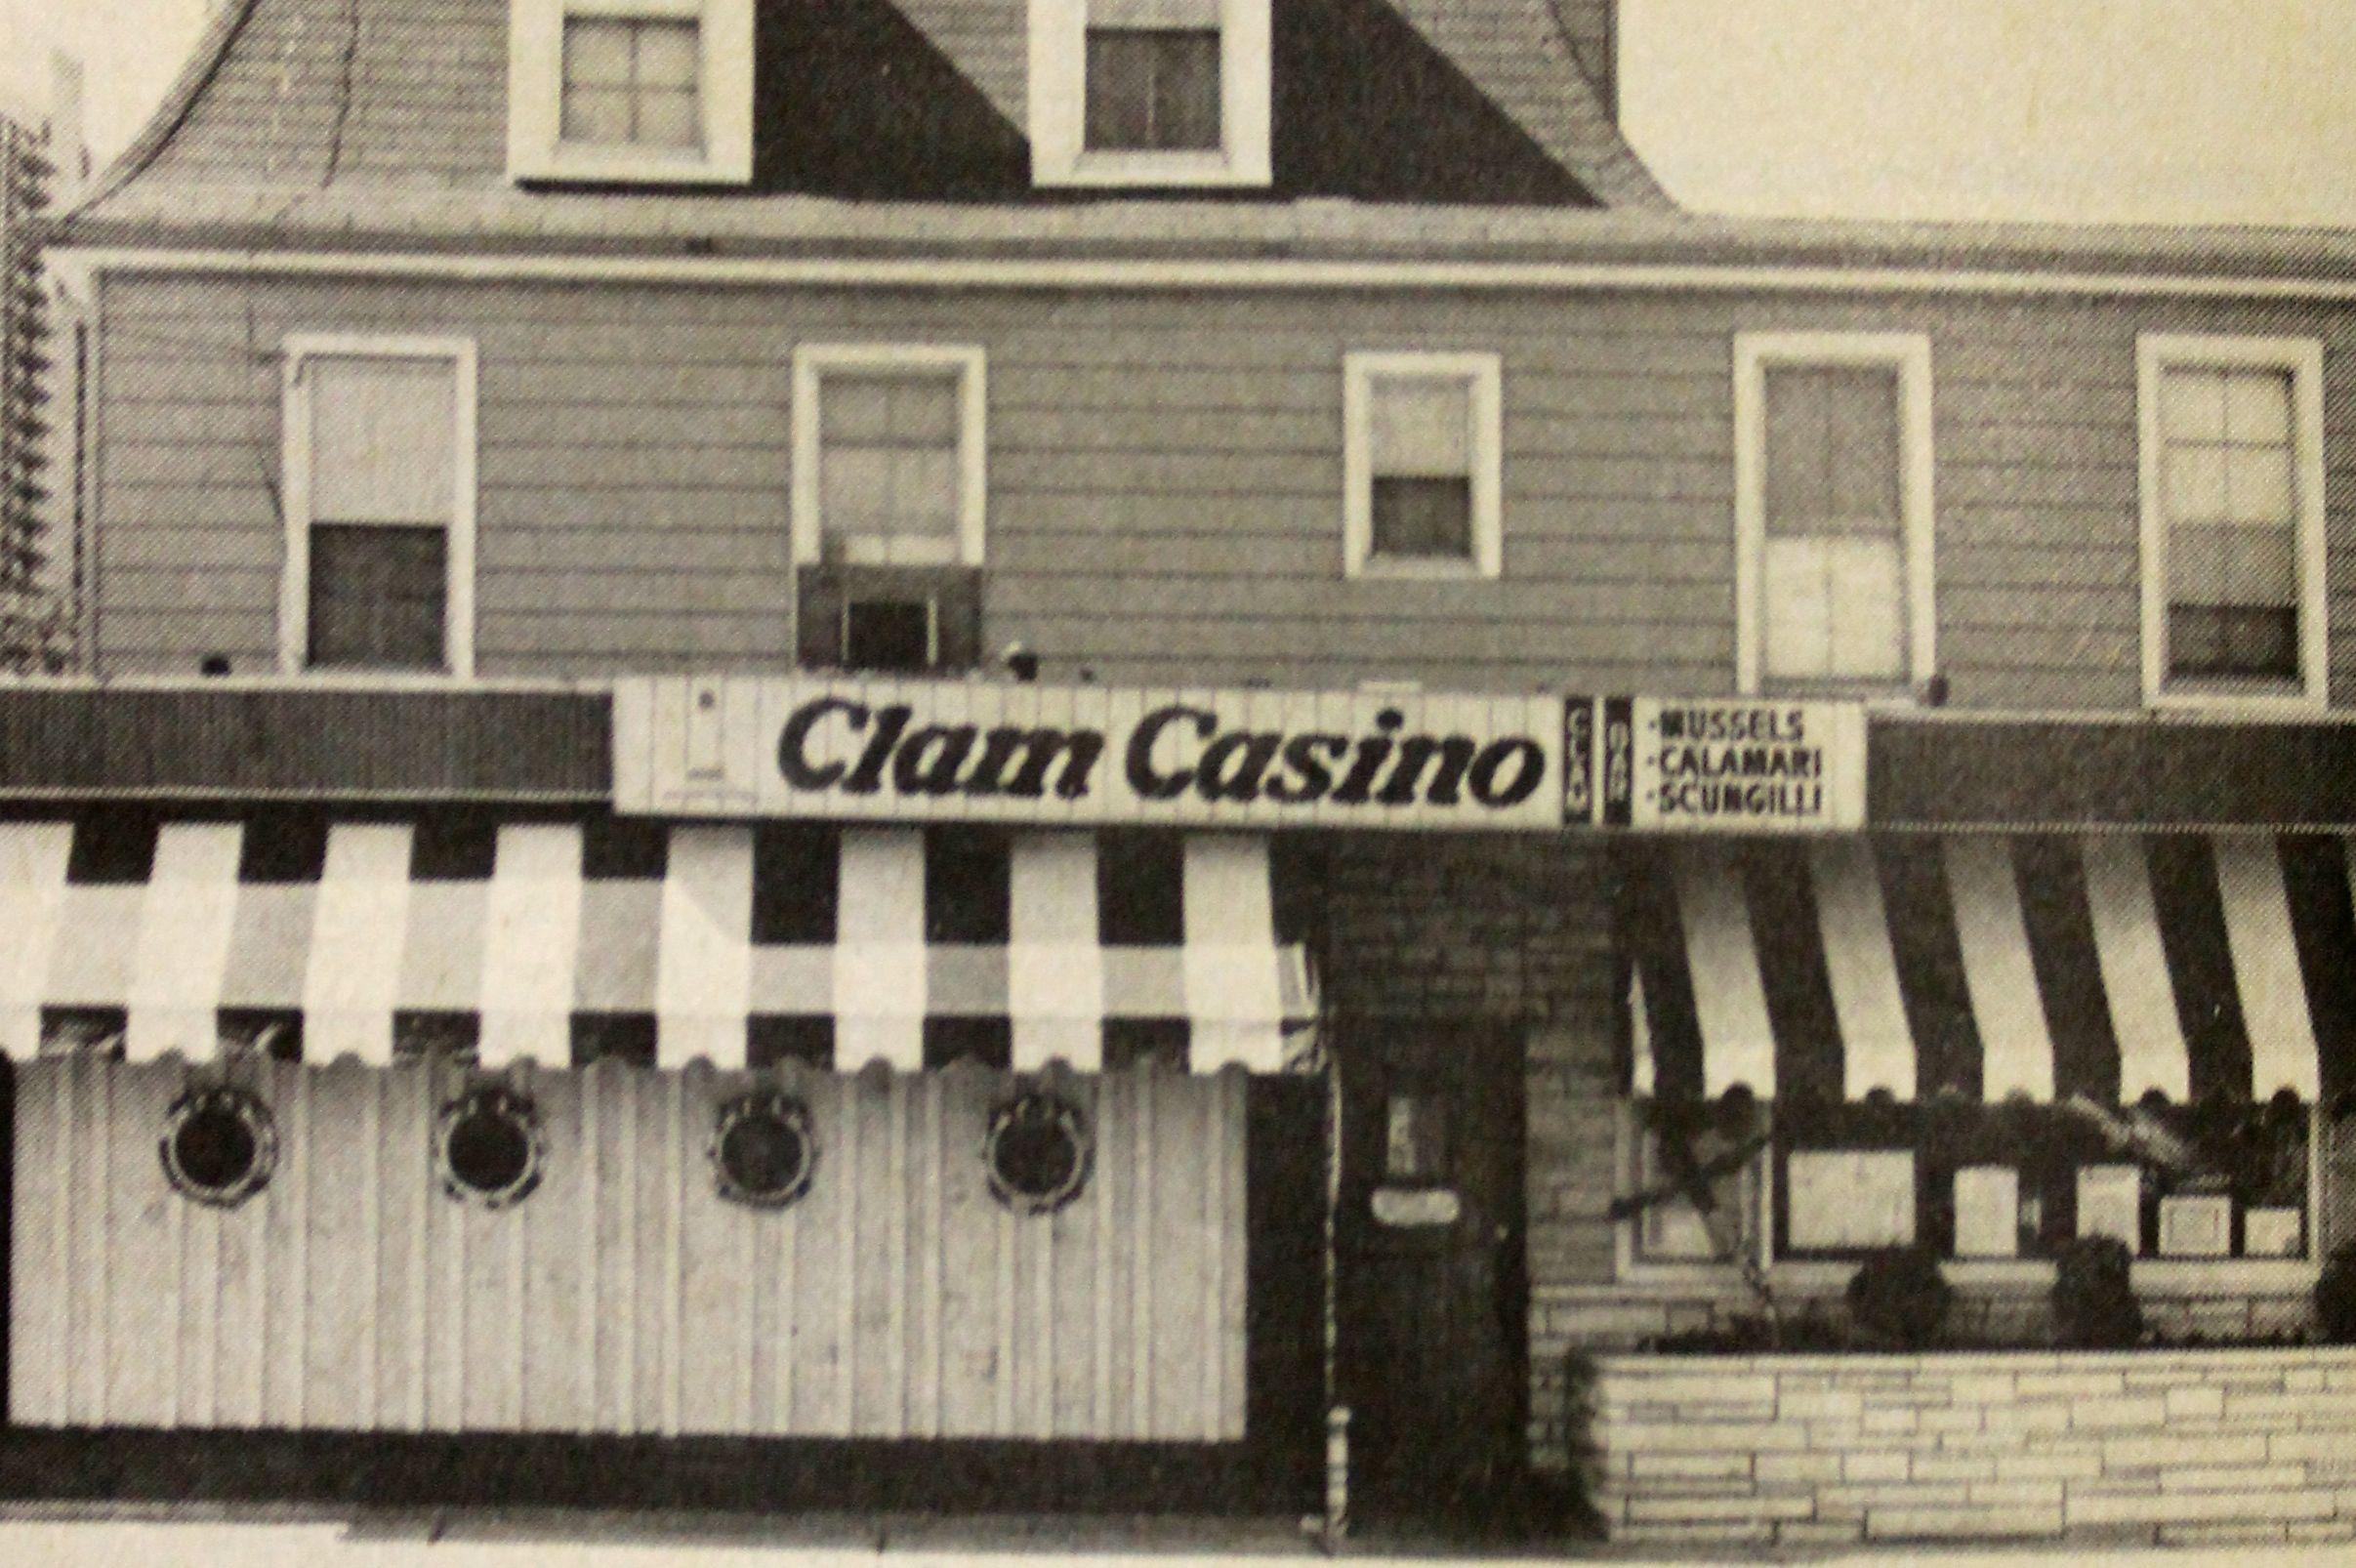 Clam Casino Restaurant in Fort Lee NJ 1980 s